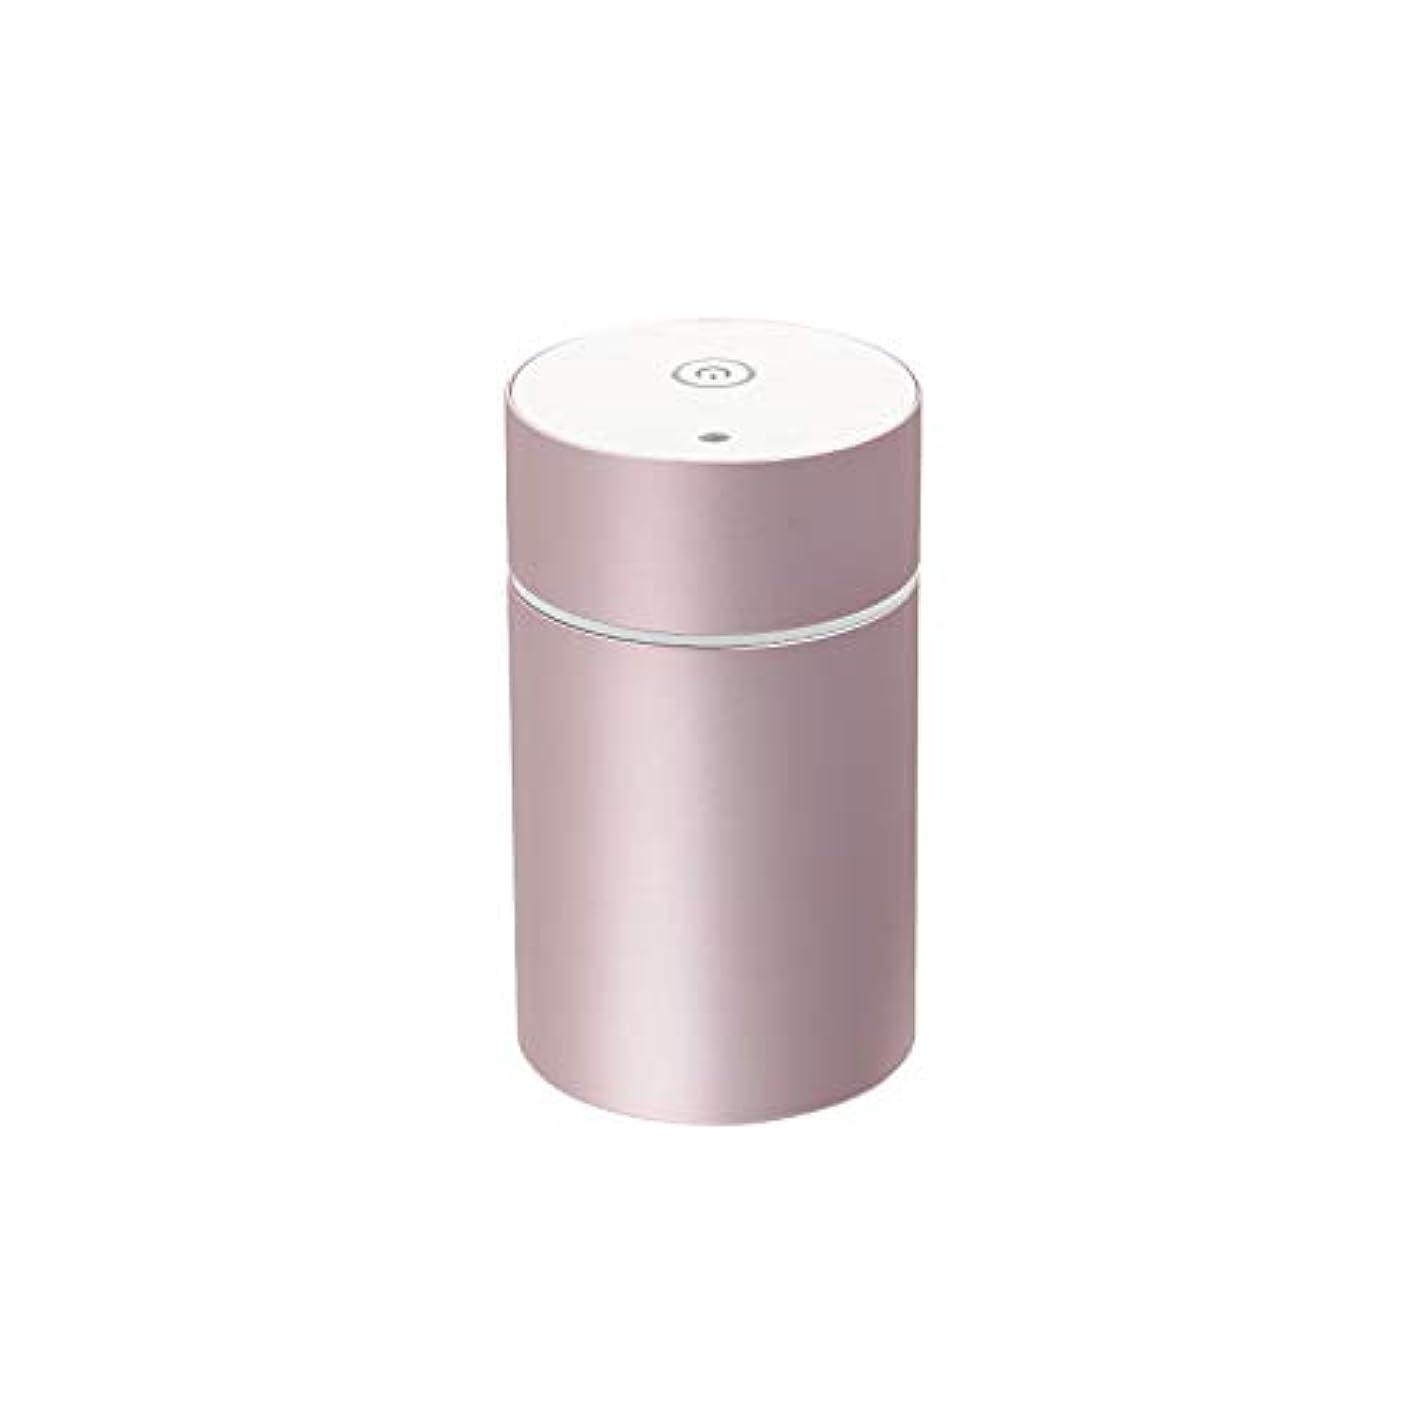 アダルト処理する切断する生活の木 アロマディフューザー(ピンク)aromore mini(アロモアミニ) 08-801-7020